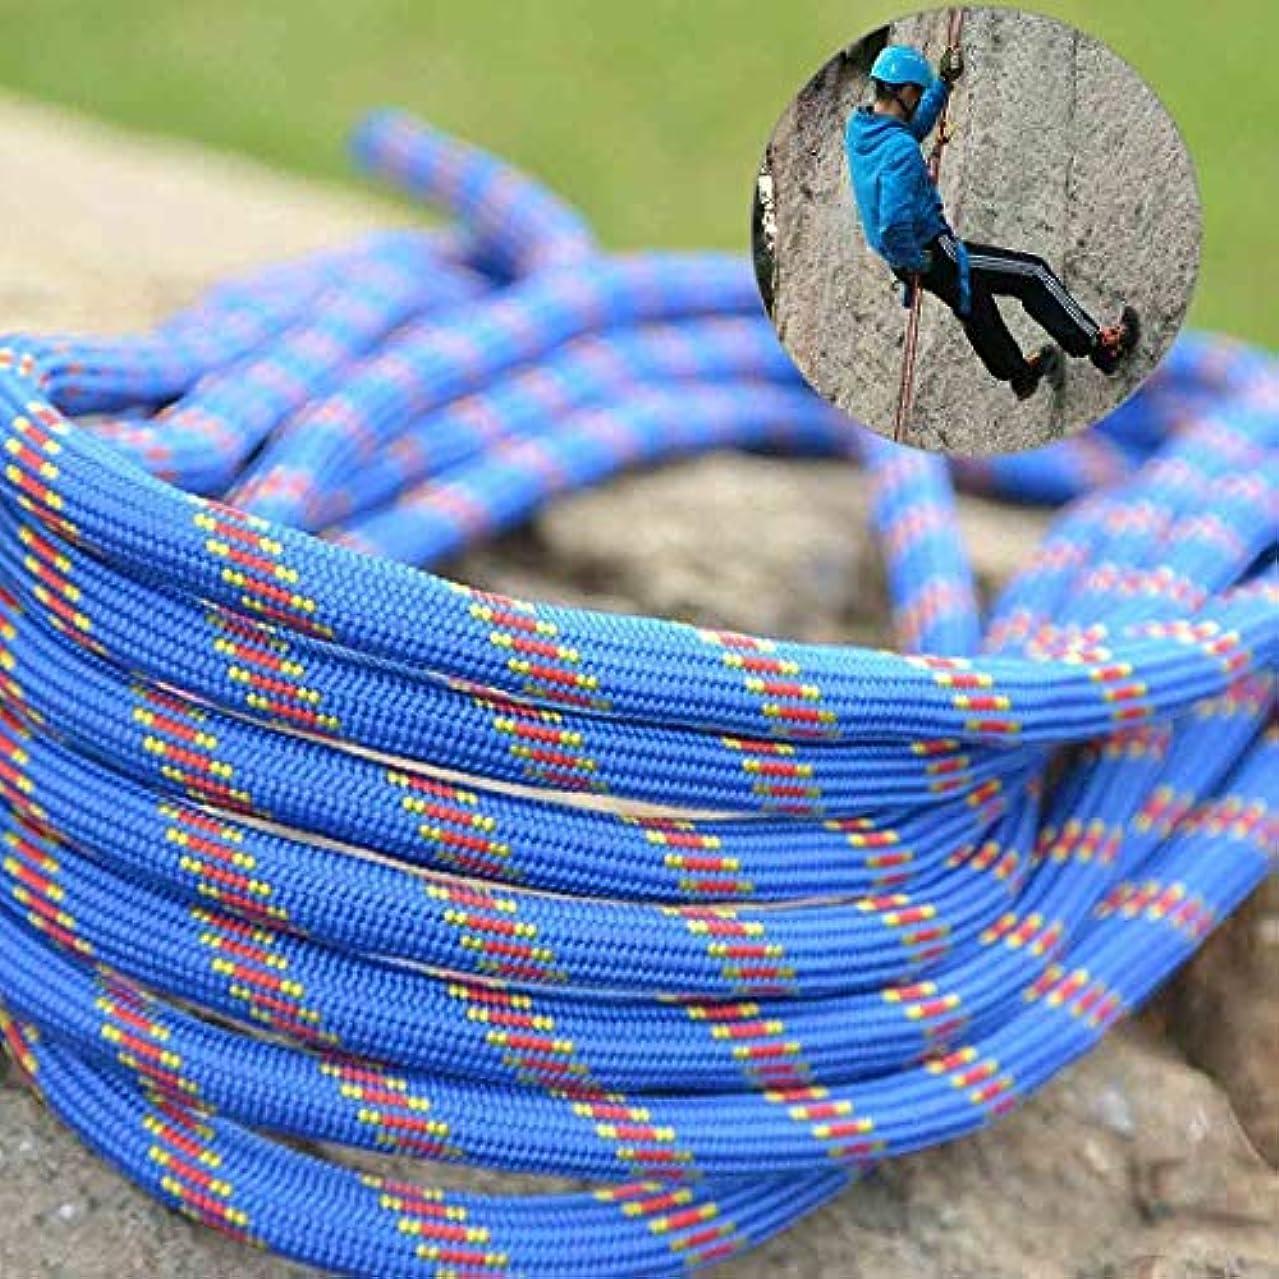 衣服赤外線望まないLYL 長さ:10m直径:10mm、クライミング補助ロープ非アクティブロープ安全救助ロープ (色 : 青)